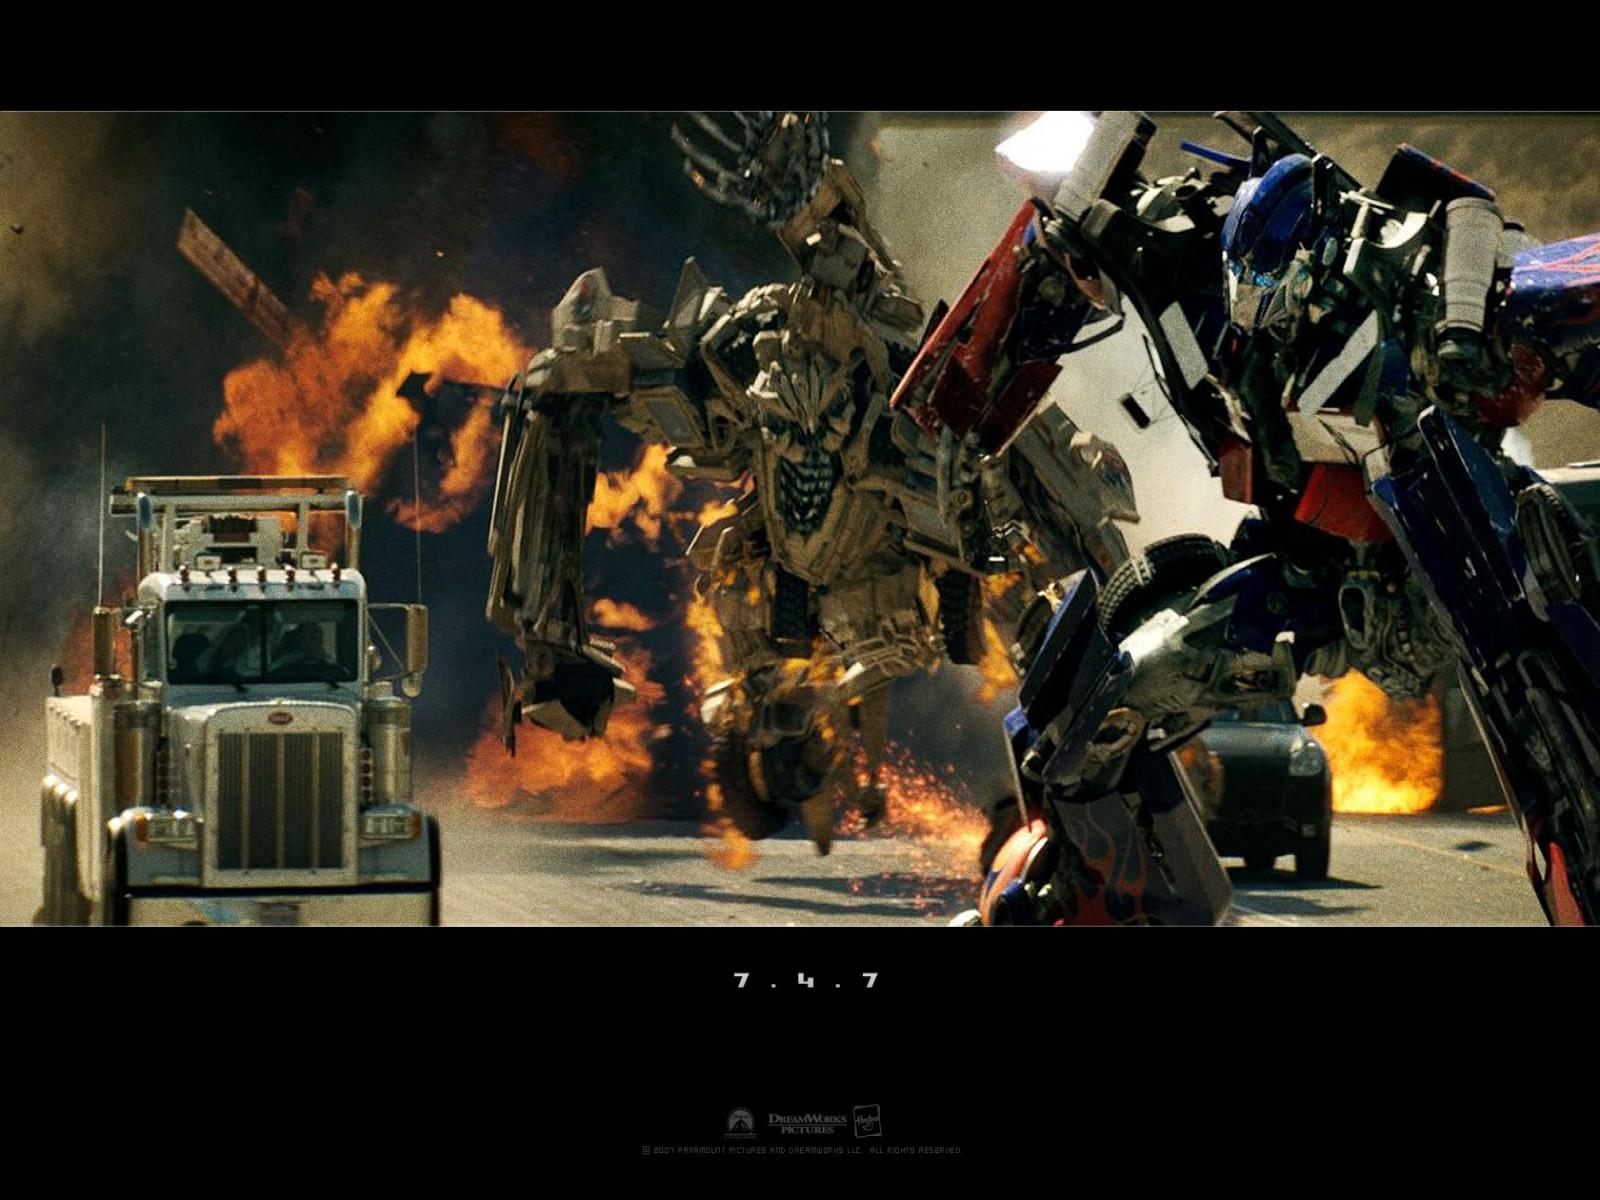 Wallpaper del film Transformers